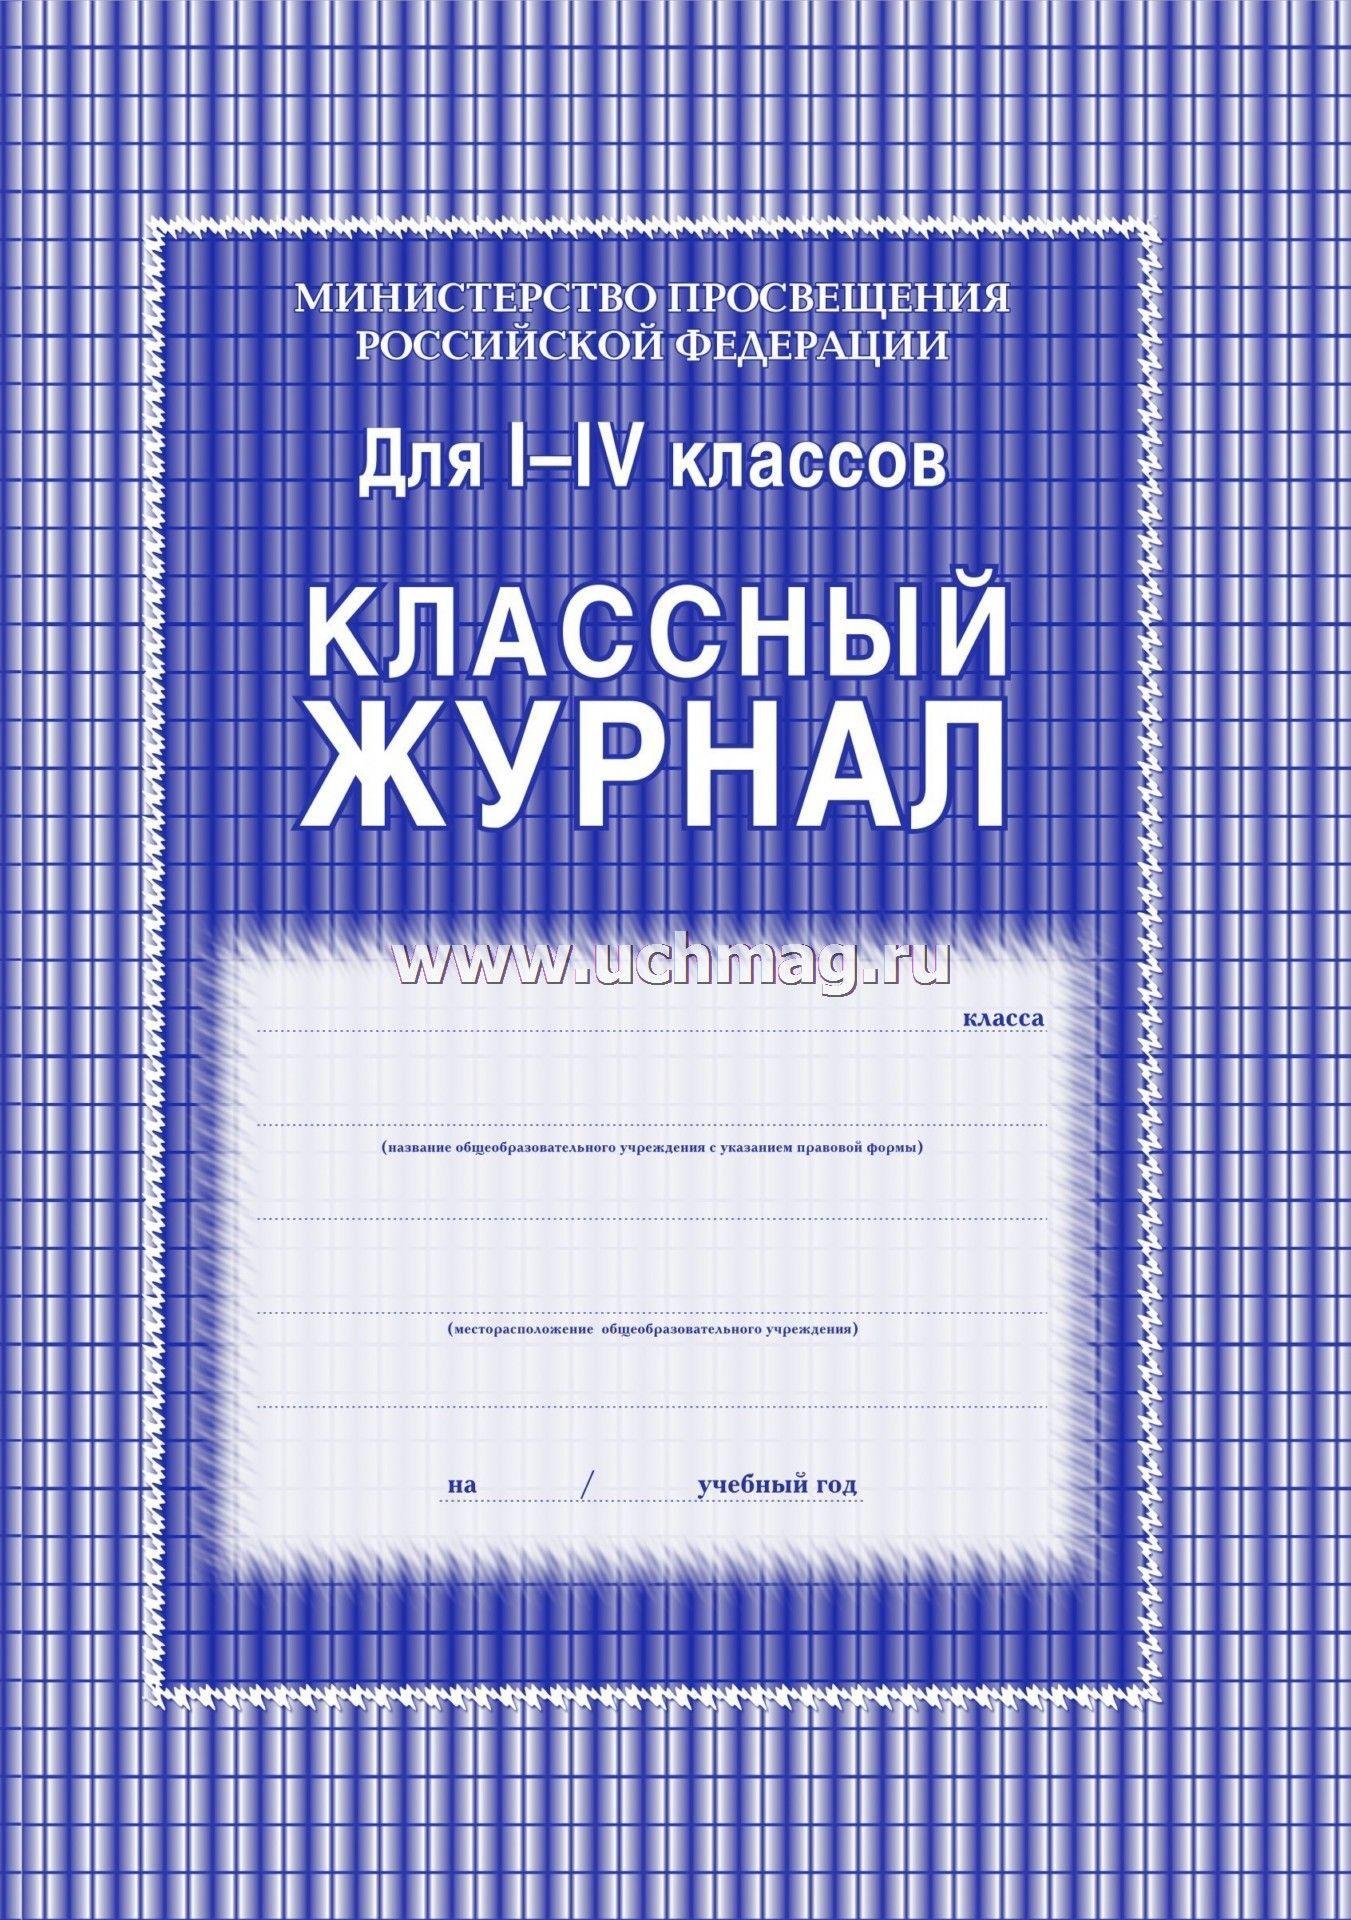 школьный журнал для оценок распечатать